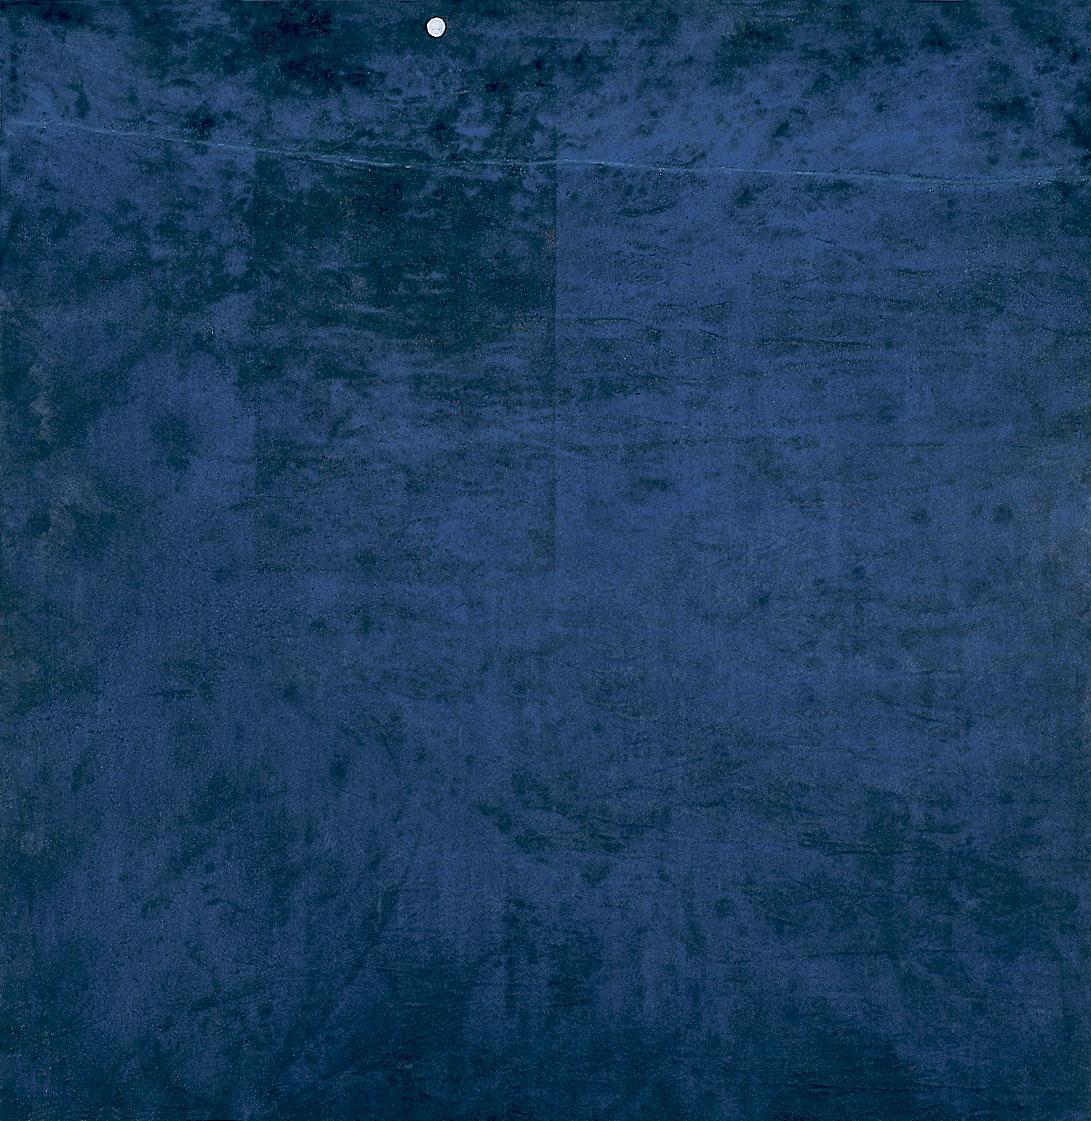 Sense títol,  pintura sobre tela, 120 x 120 centímetres 1997